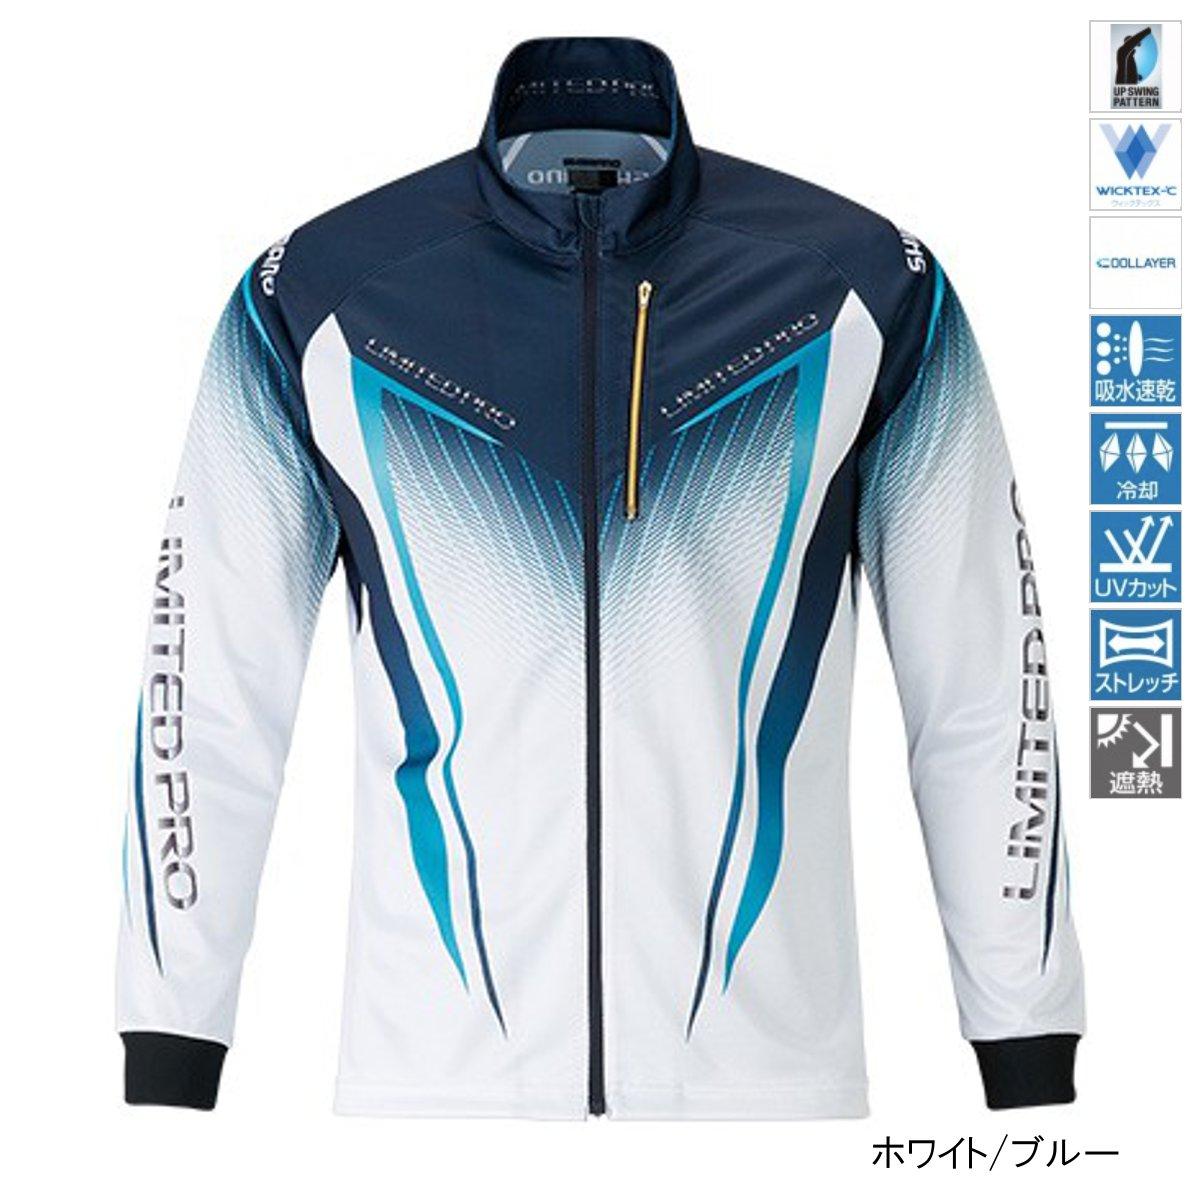 シマノ フルジップシャツLIMITED PRO(長袖) SH-011S L ホワイト/ブルー【送料無料】